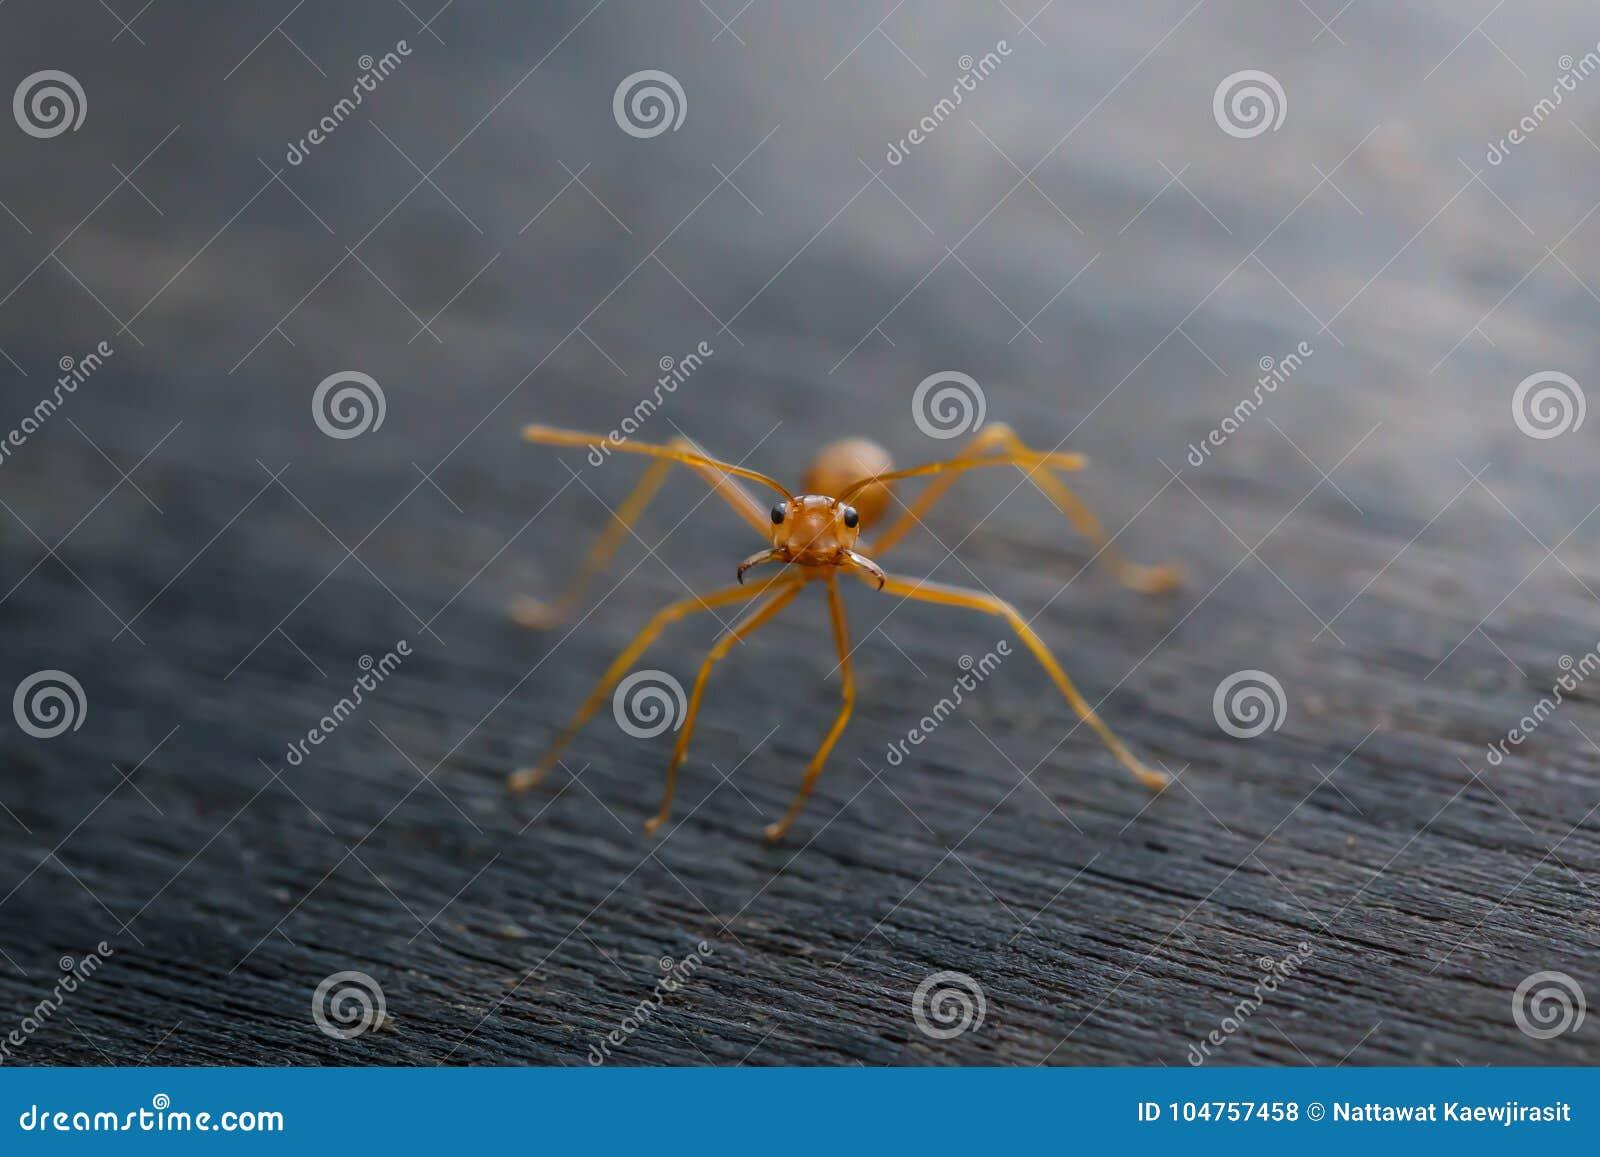 Ant standing on wooden floor